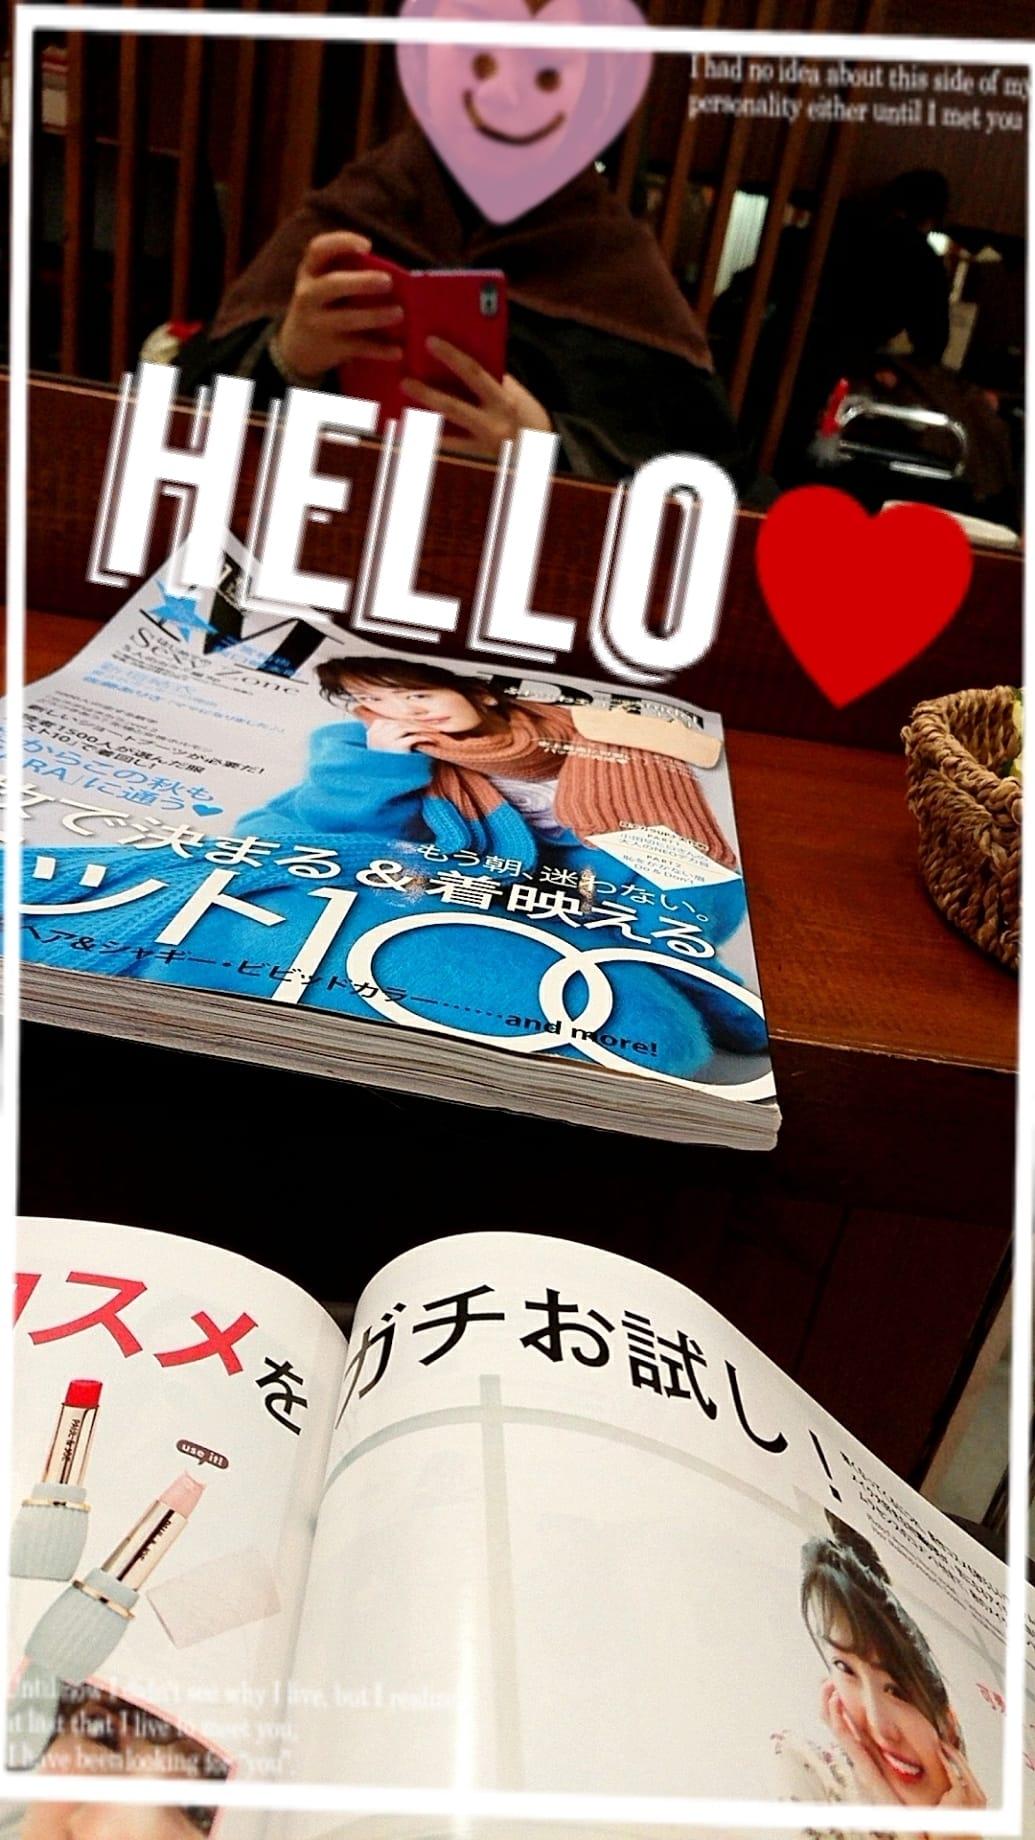 まこと「(*´ω`*)」10/16(月) 15:16 | まことの写メ・風俗動画